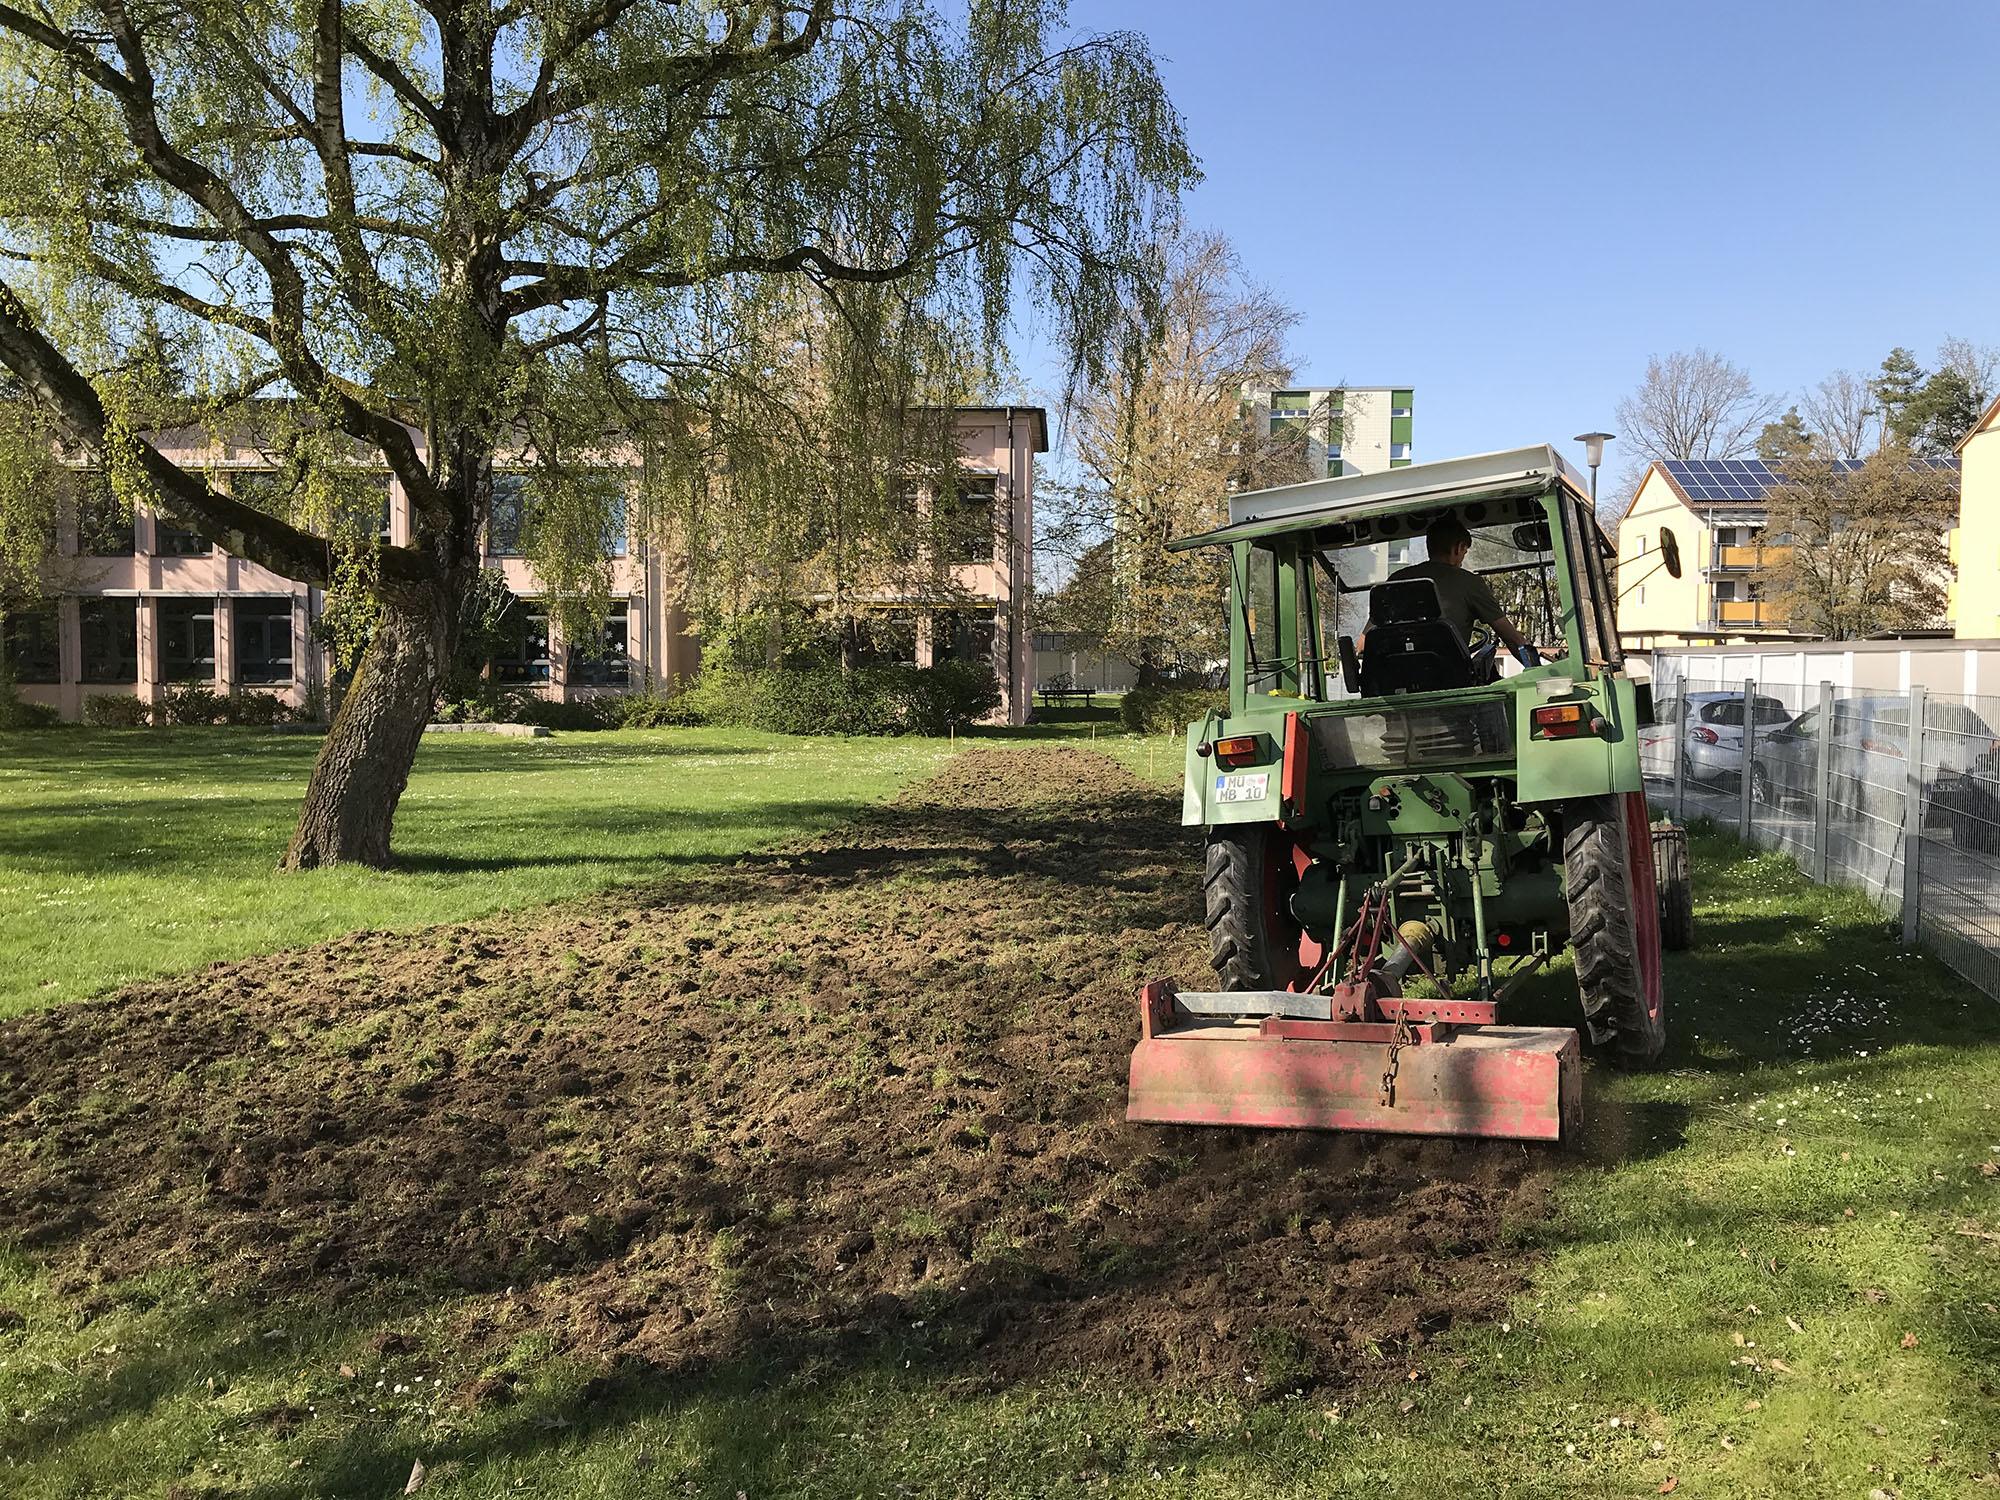 Ein Traktor bereitet den Boden für die Blumenwiese vor